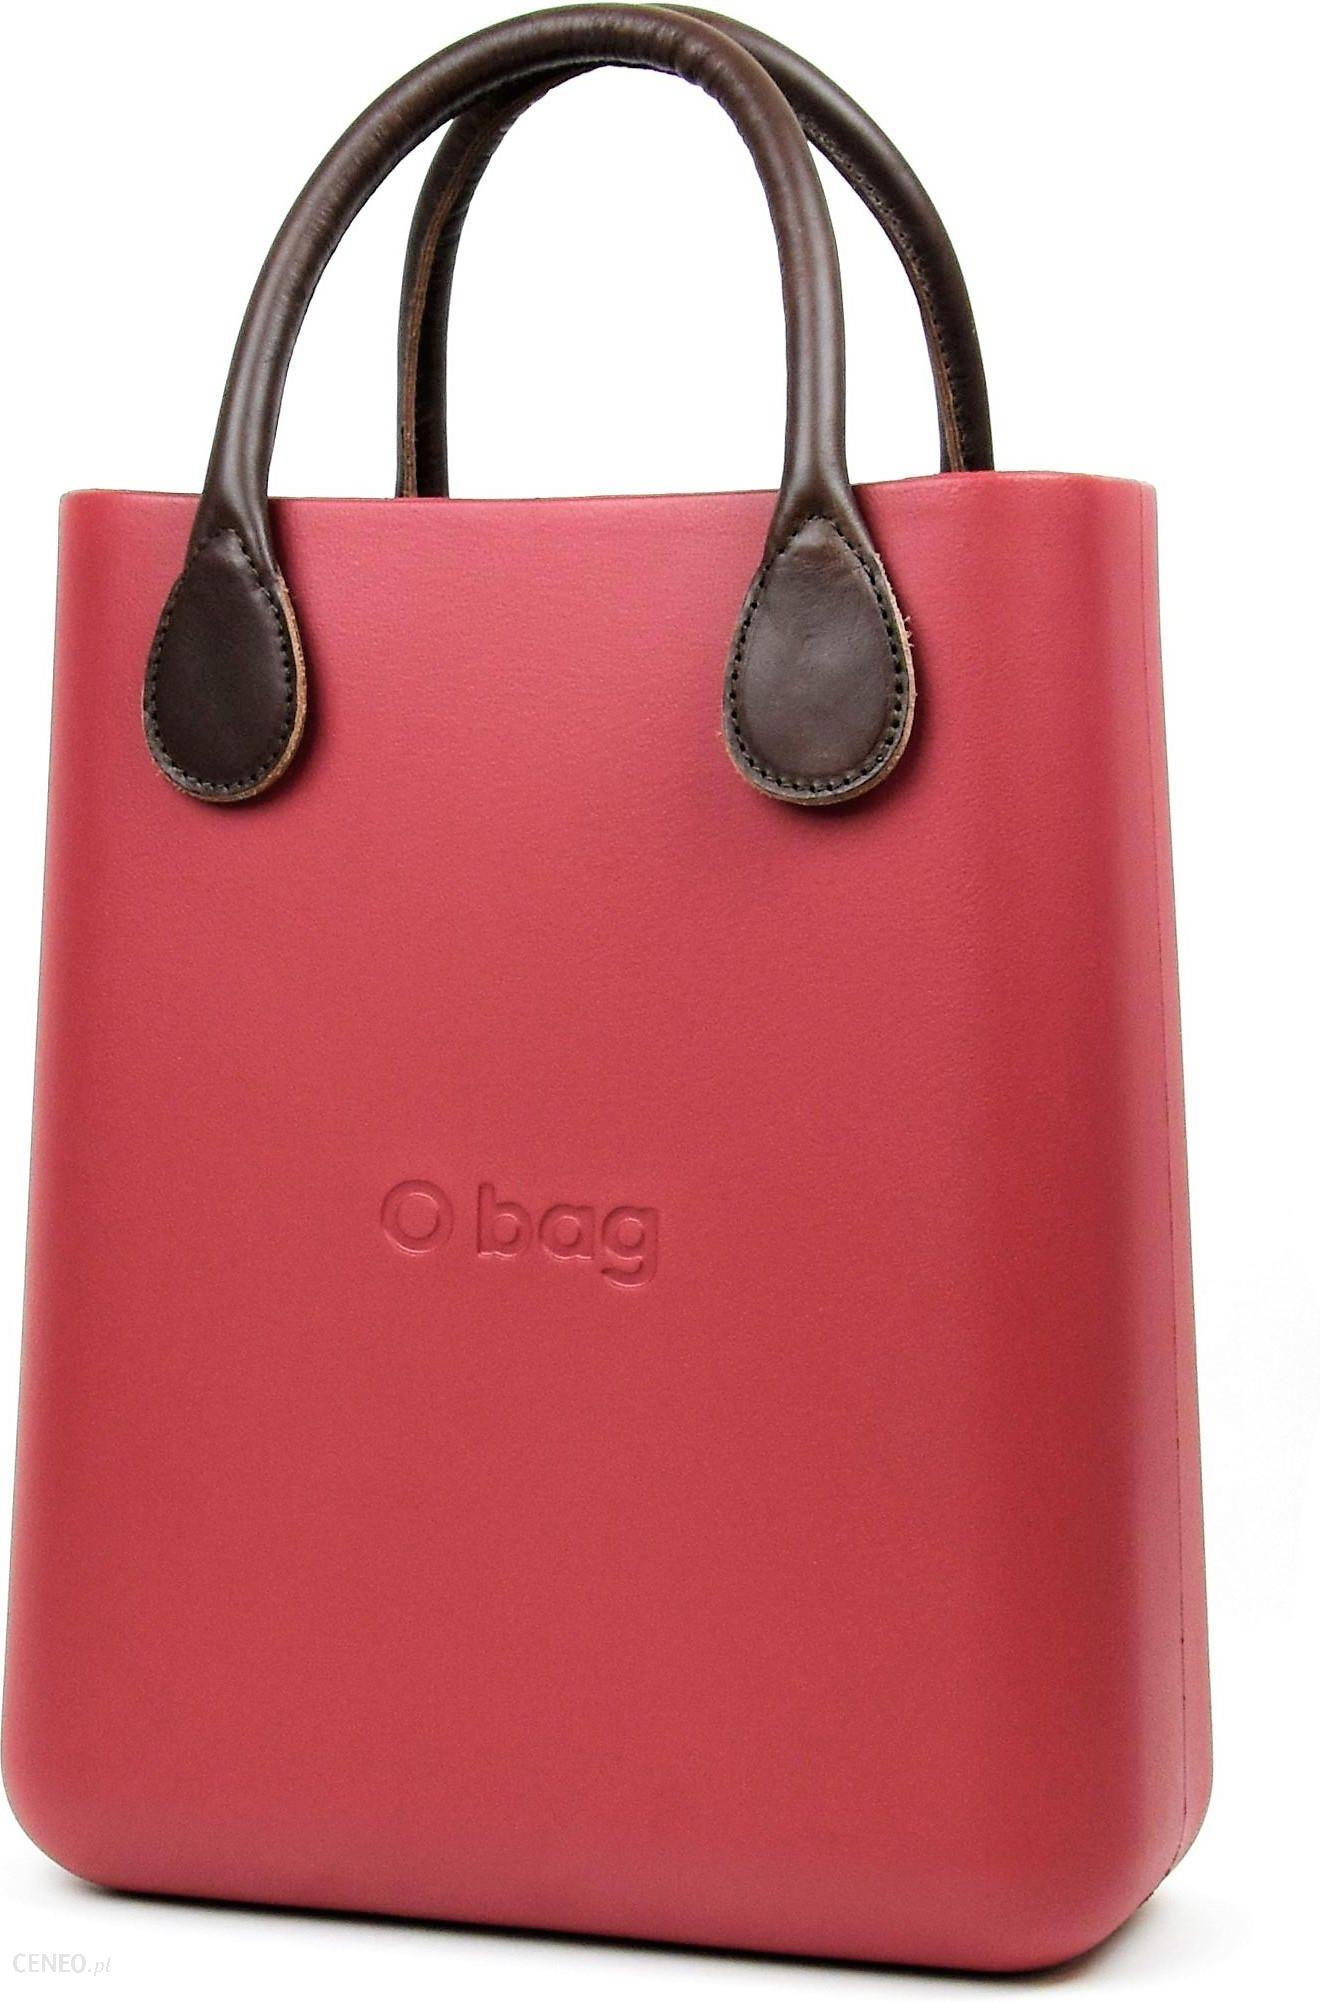 09864609baa30 O bag różowe torebka O Chic Marsala z krótkimi brązowymi uchwytami ze skajki  - zdjęcie 1